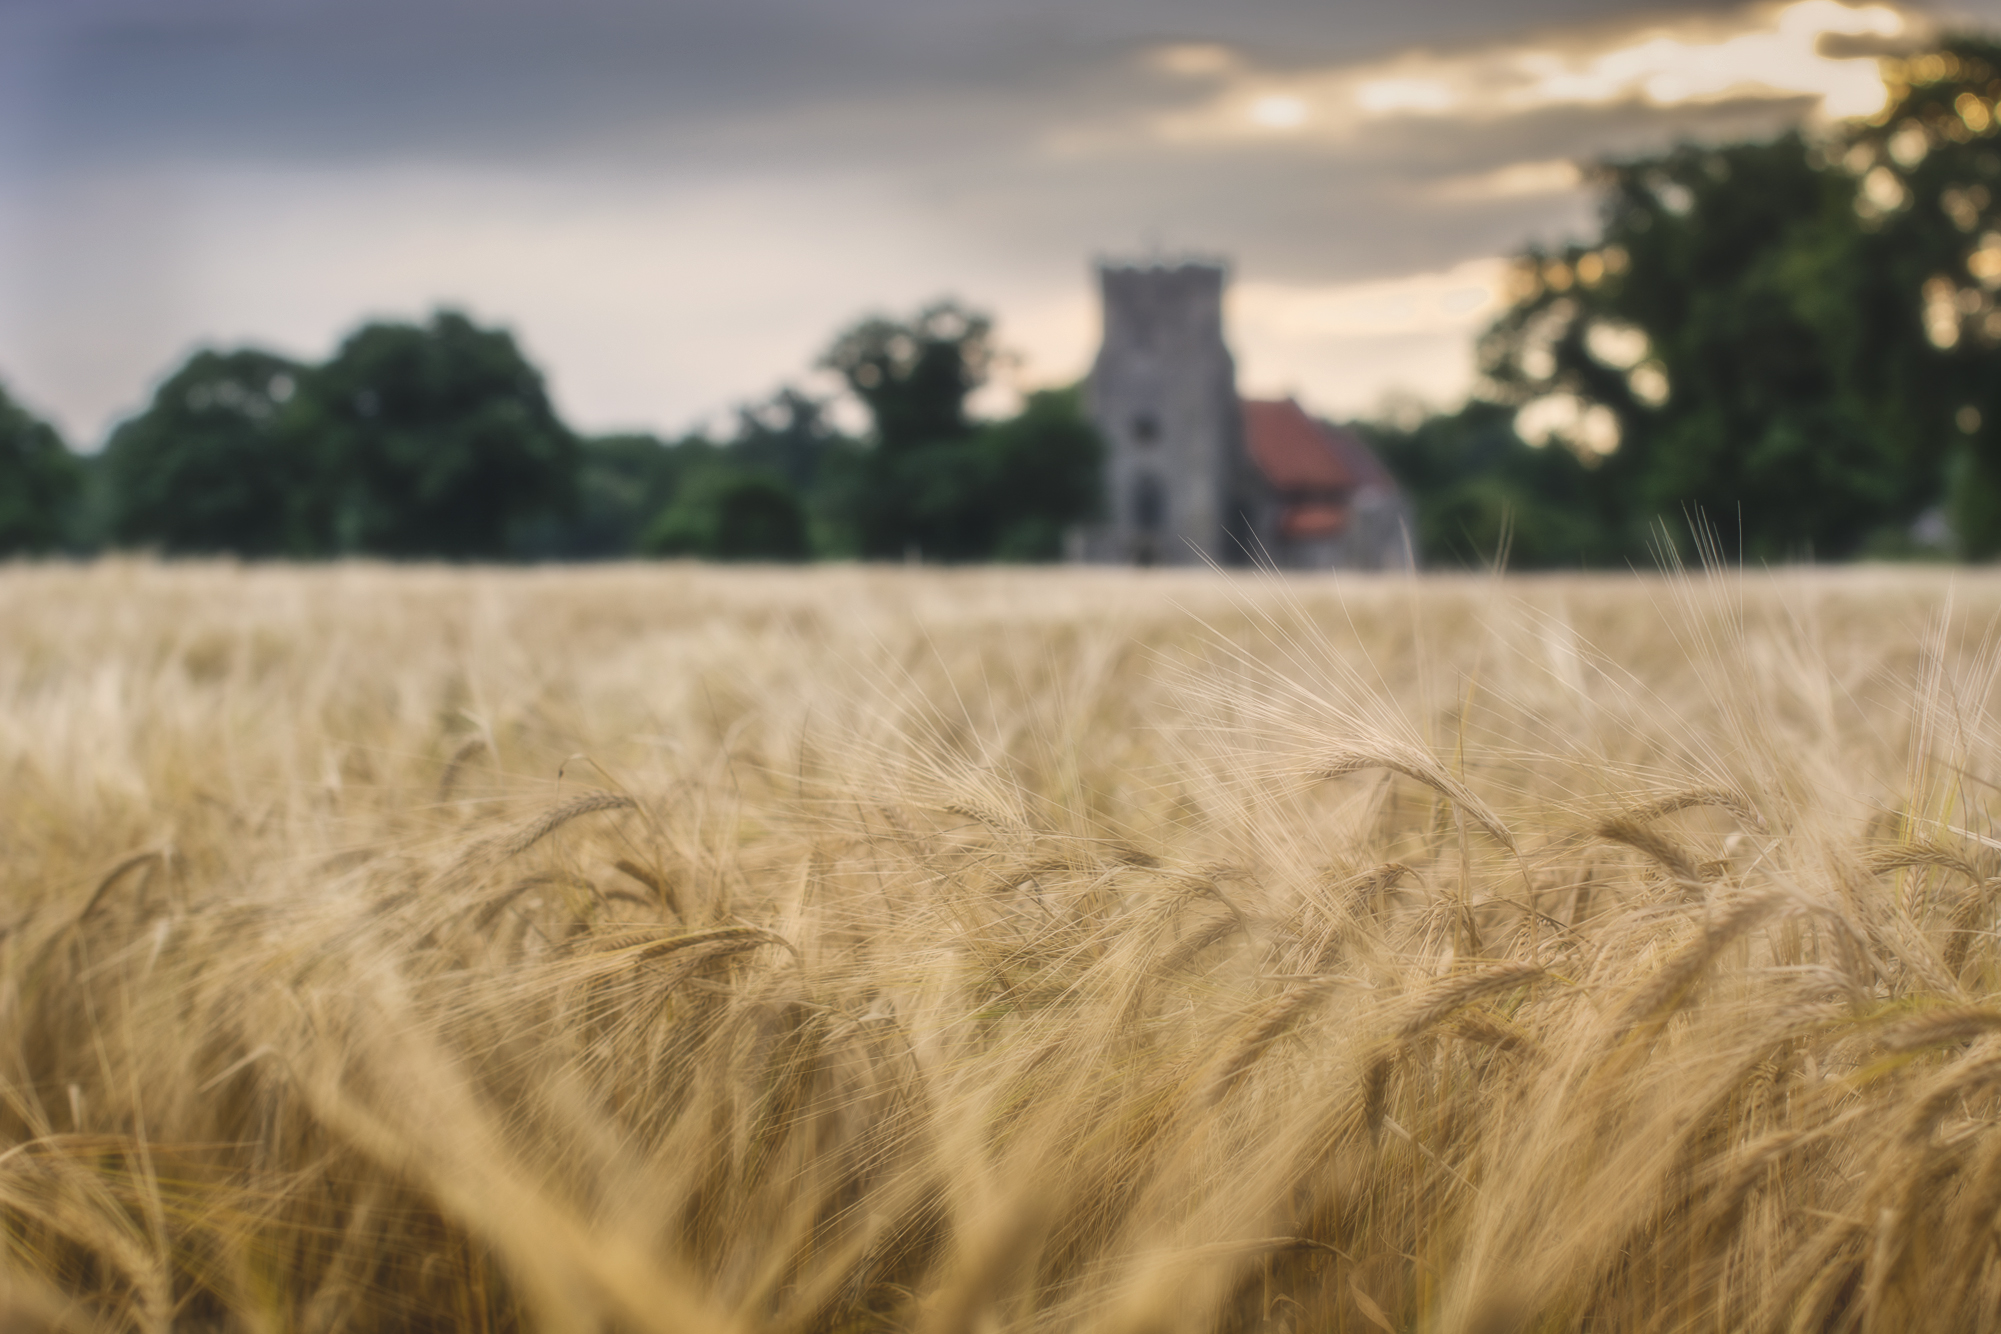 Field by a Church.jpg